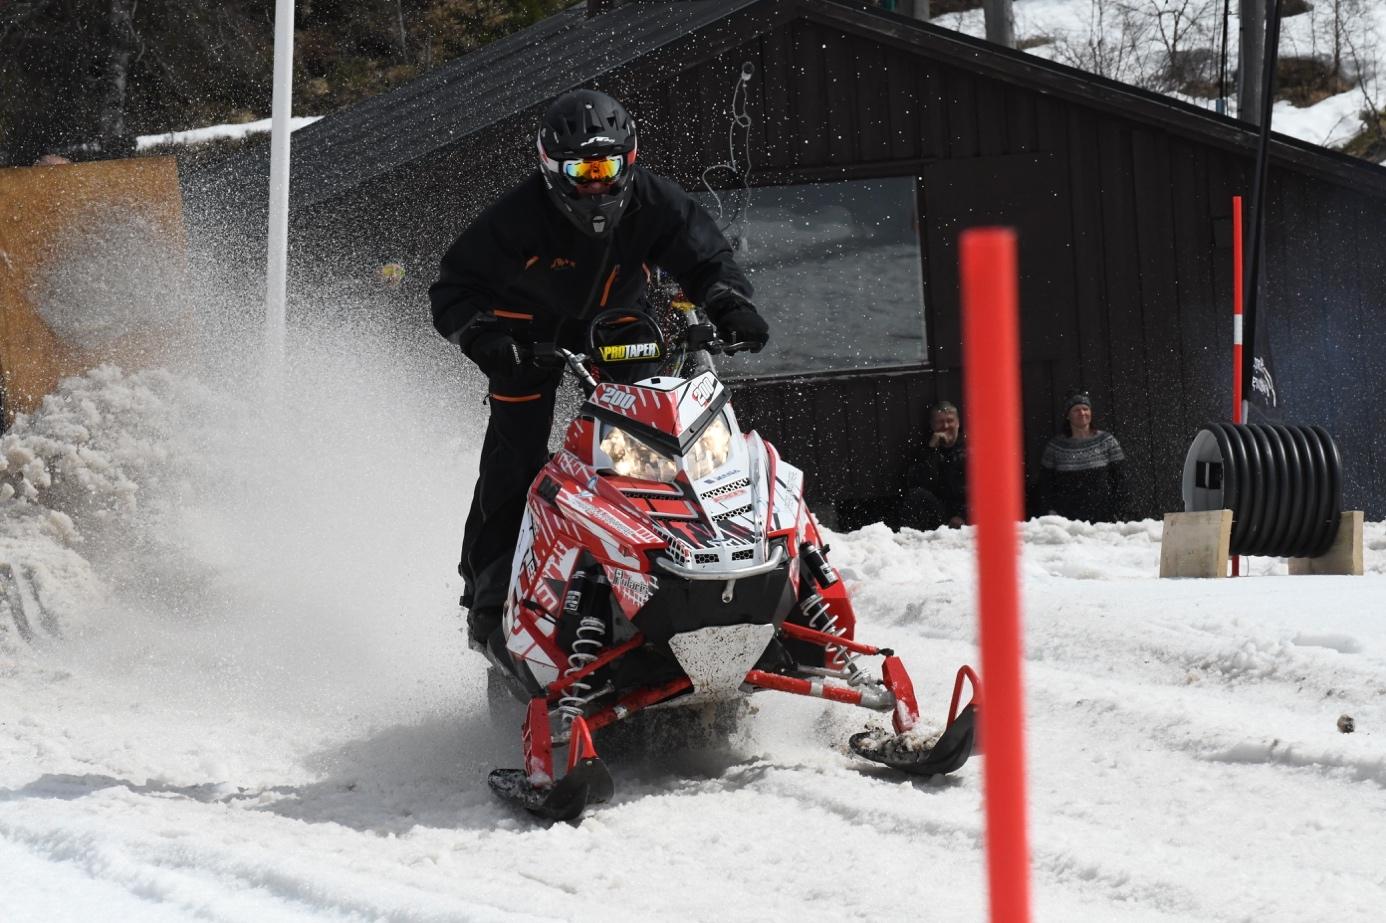 Et bilde som inneholder snø, utendørs, person, gå på ski  Automatisk generert beskrivelse